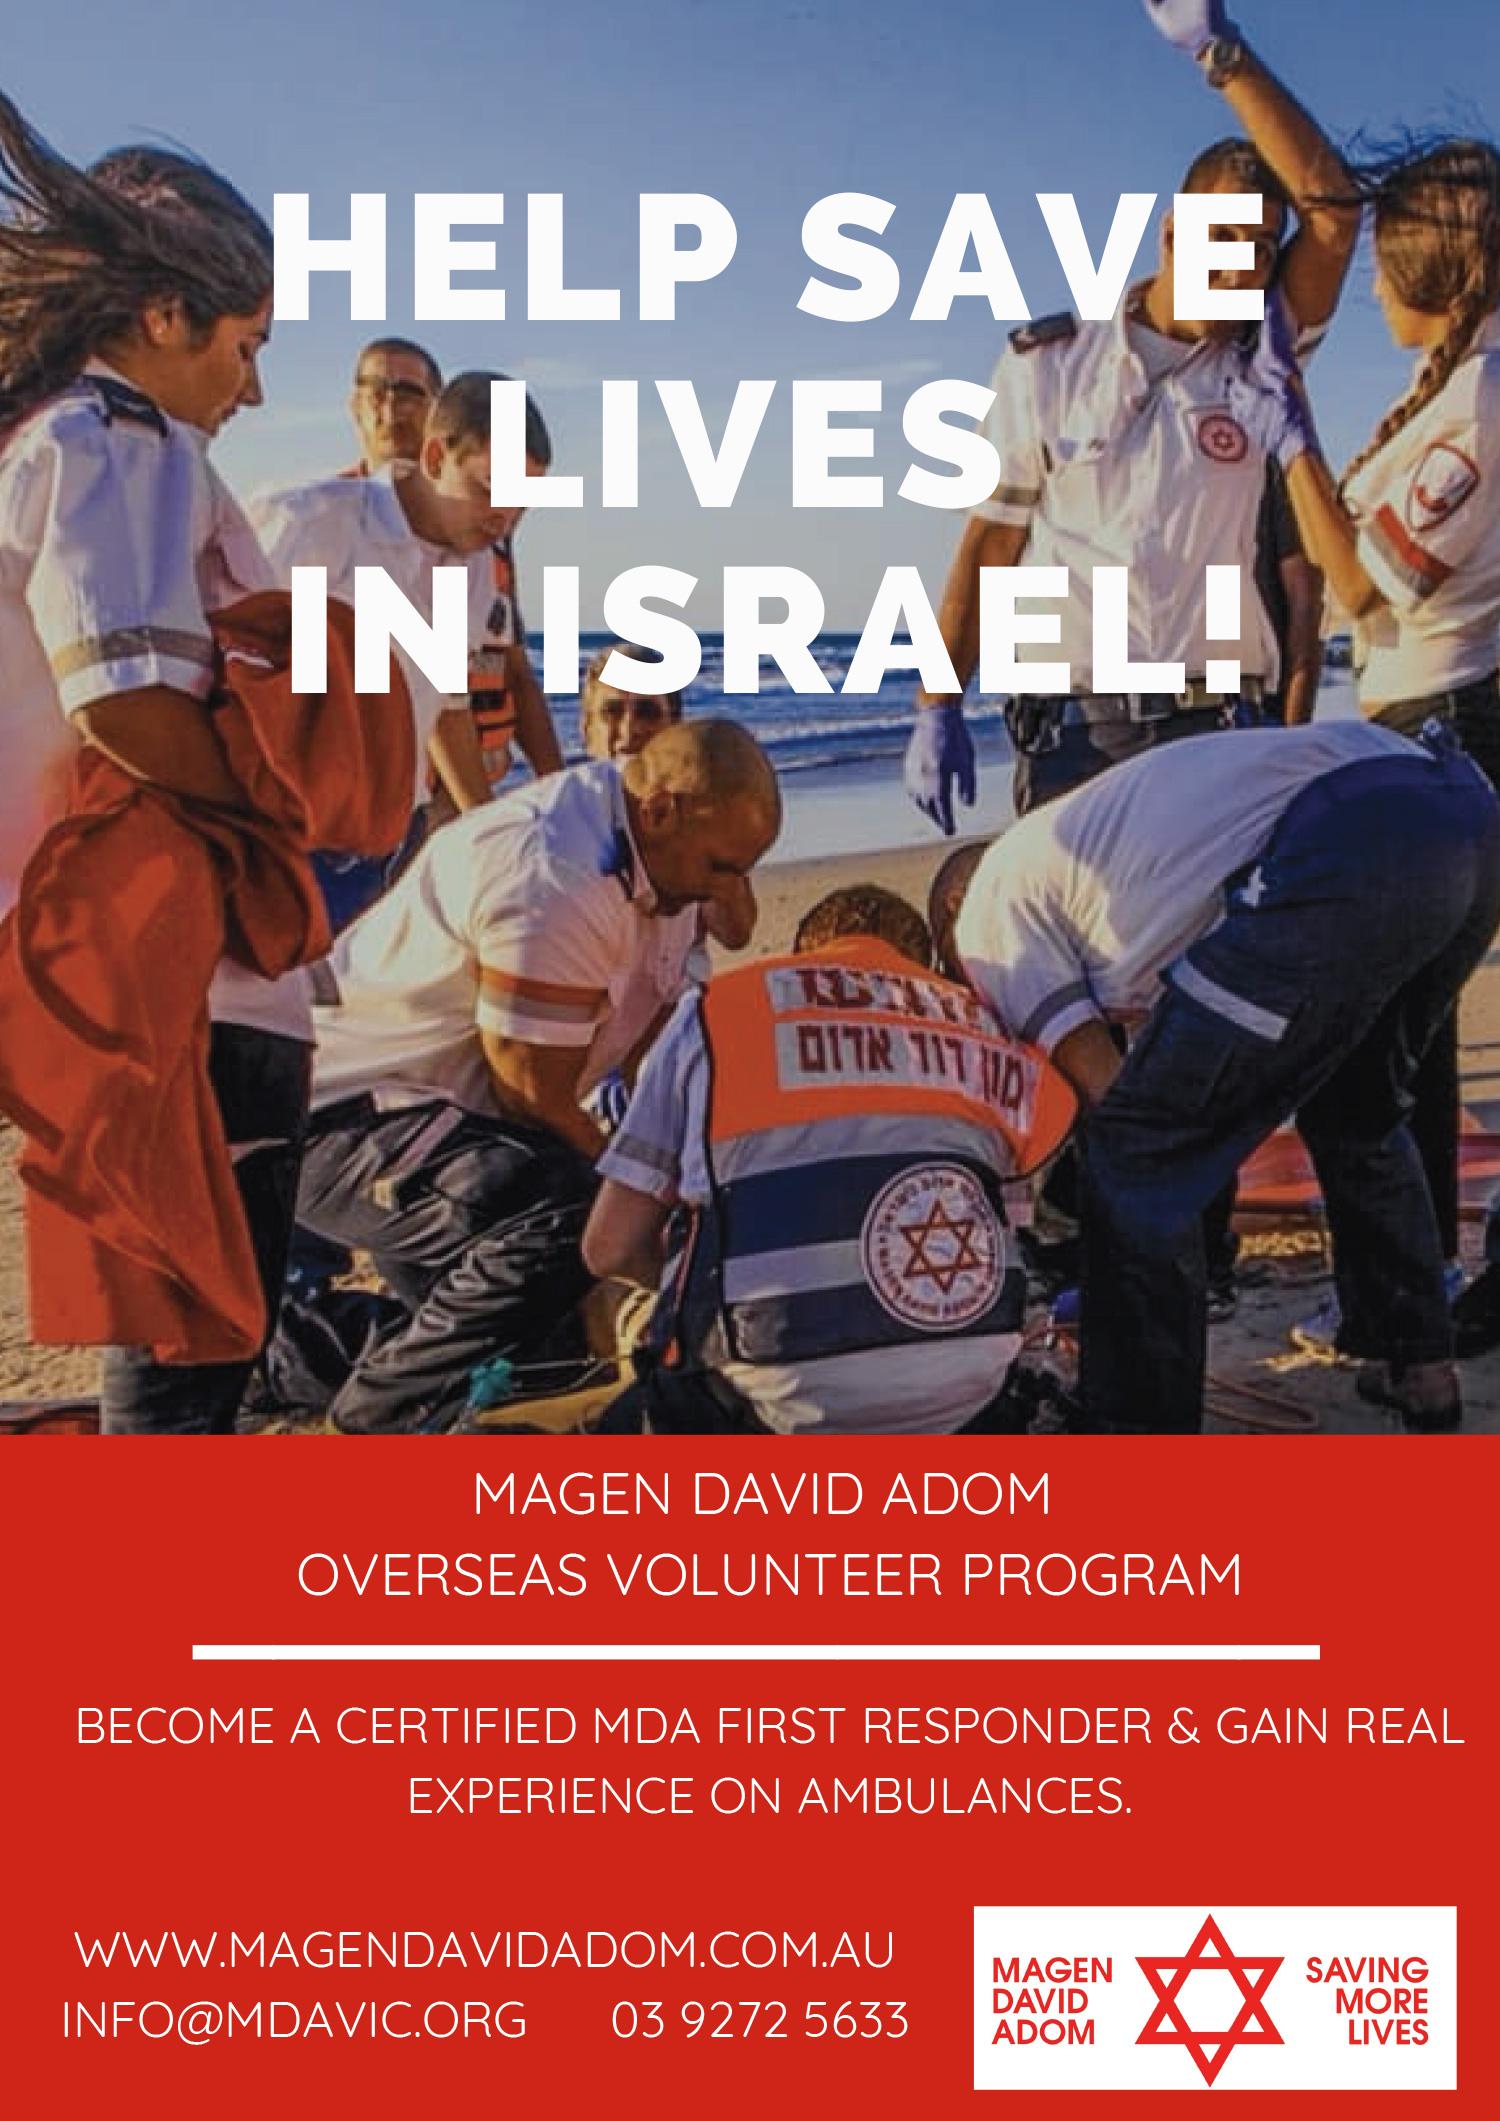 MDA Overseas Volunteer Program